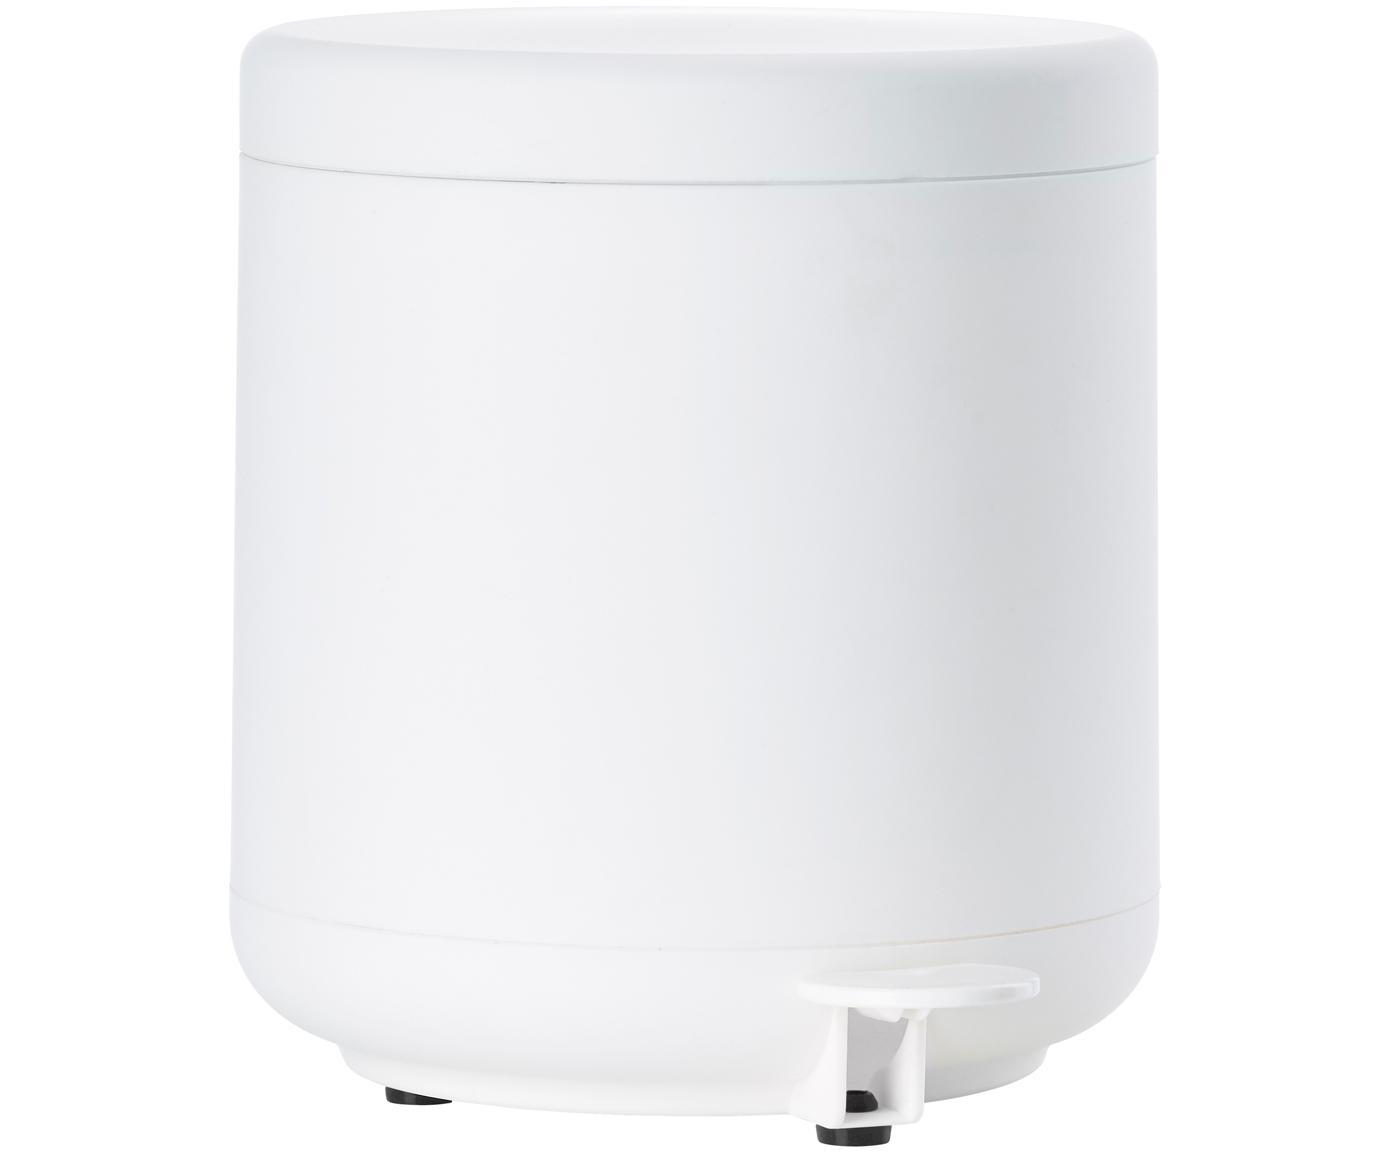 Pattumiera con funzione pedale Omega, Materiale sintetico ABS, Bianco opaco, Ø 20 x Alt. 22 cm